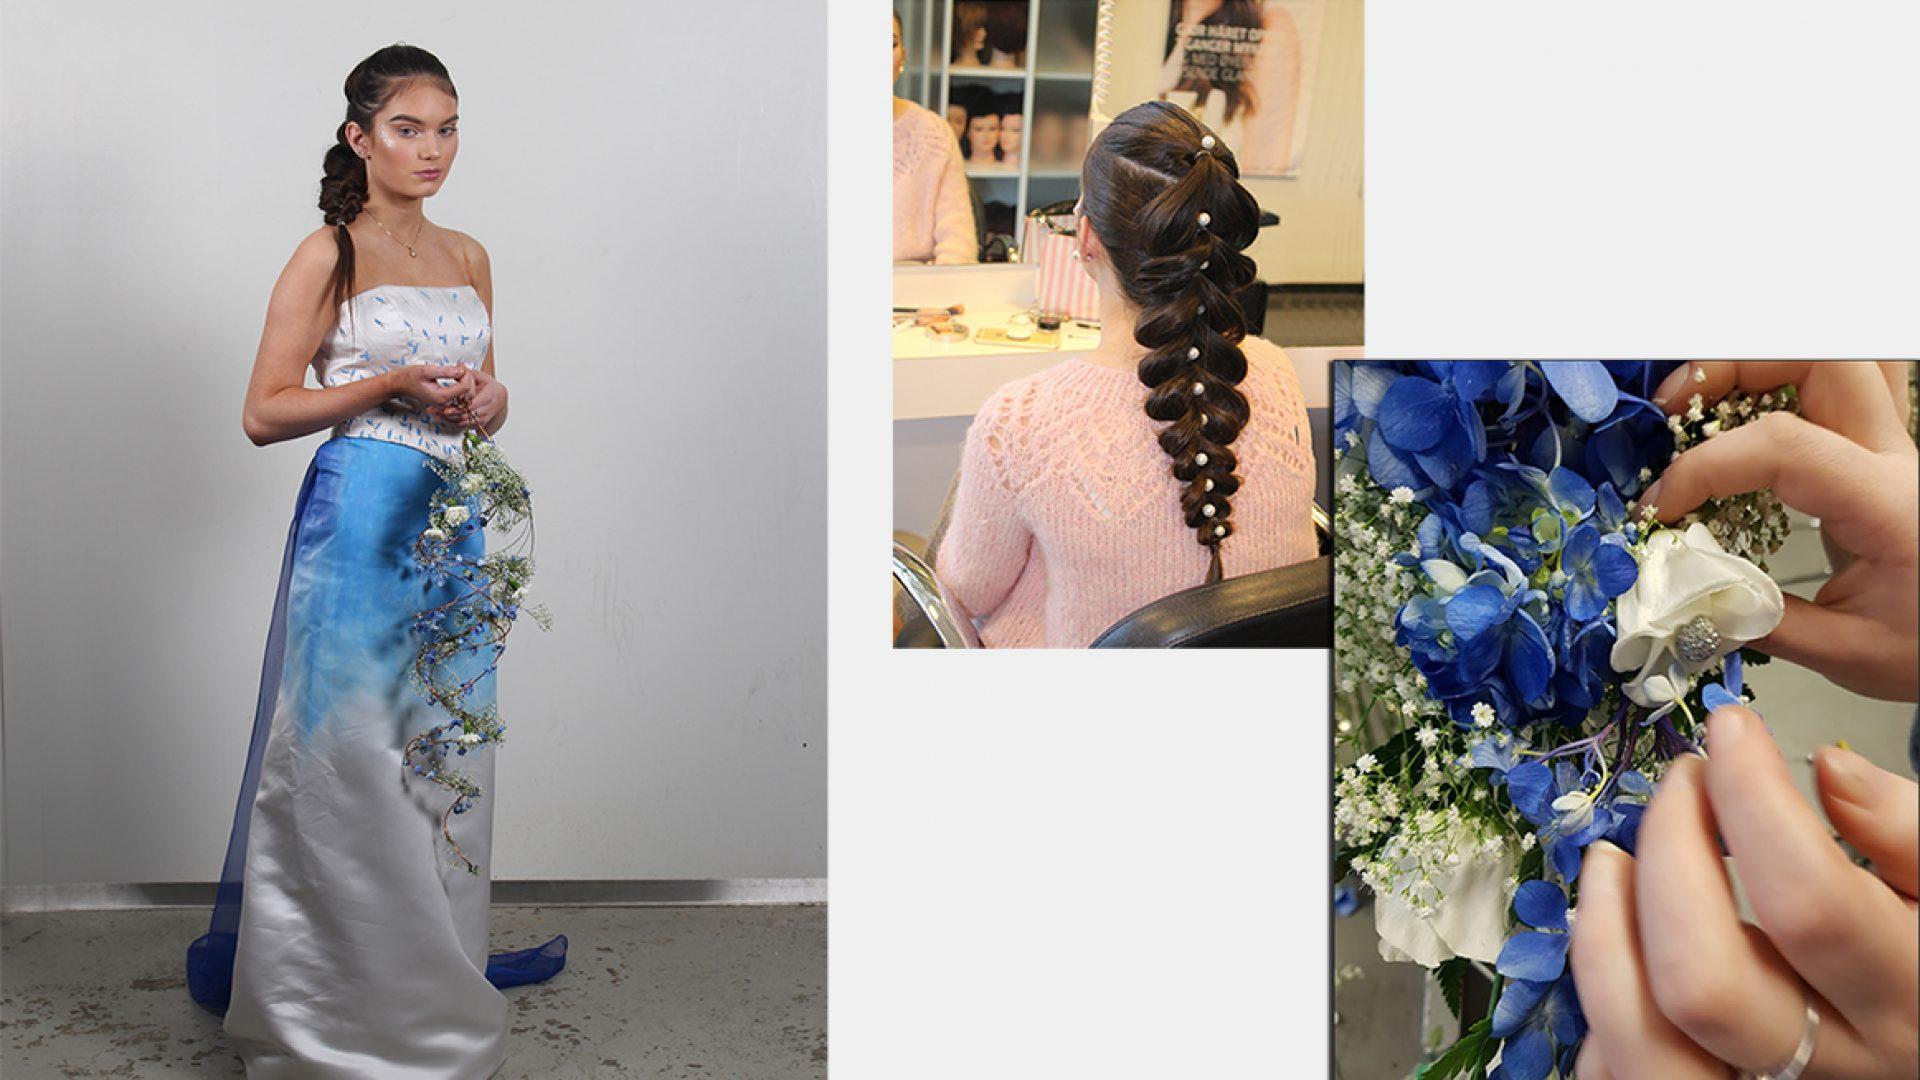 Elev i selvkomponert hvior kjole med blå dekoreffekter. Flettet hårfrisyre med perler. Hengende brudebuketti blå nyanser.